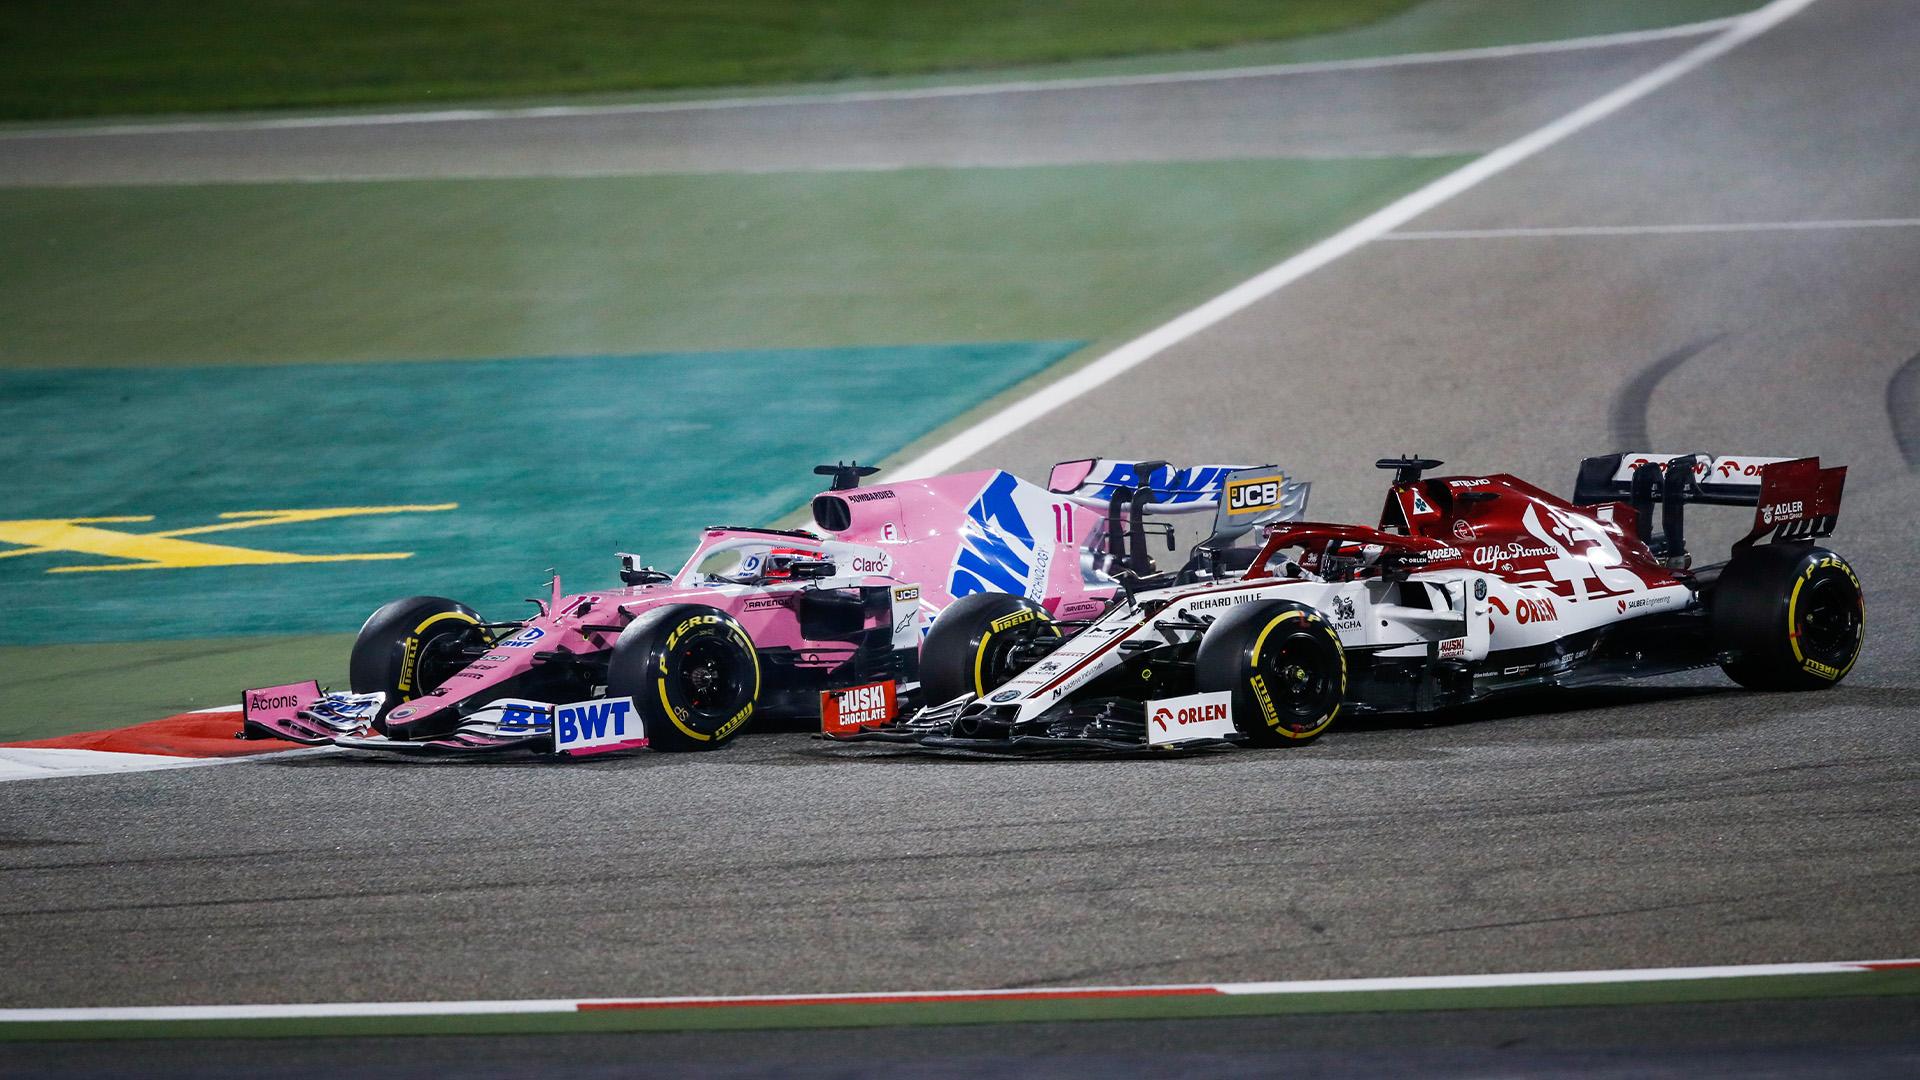 Sergio Perez overtakes Kimi Raikkonen in the 2020 Sakhir Grand Prix